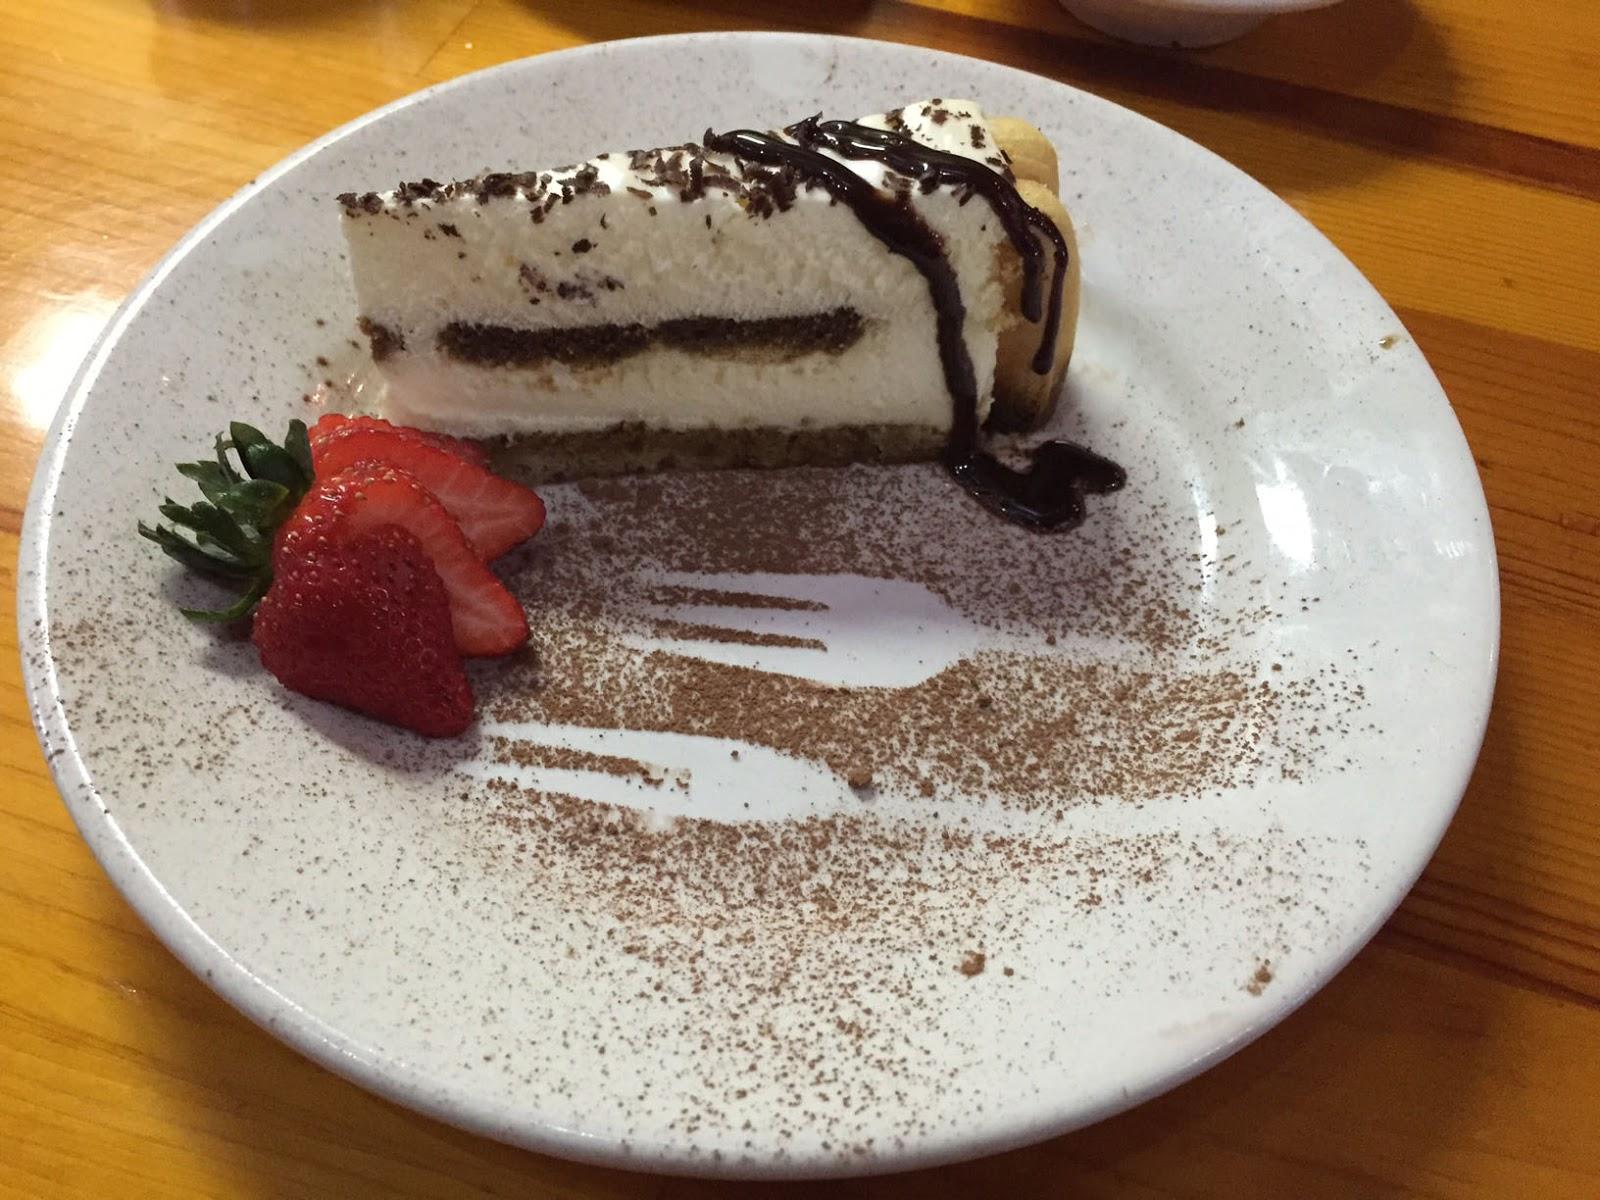 Dessert at Dwights Bistro